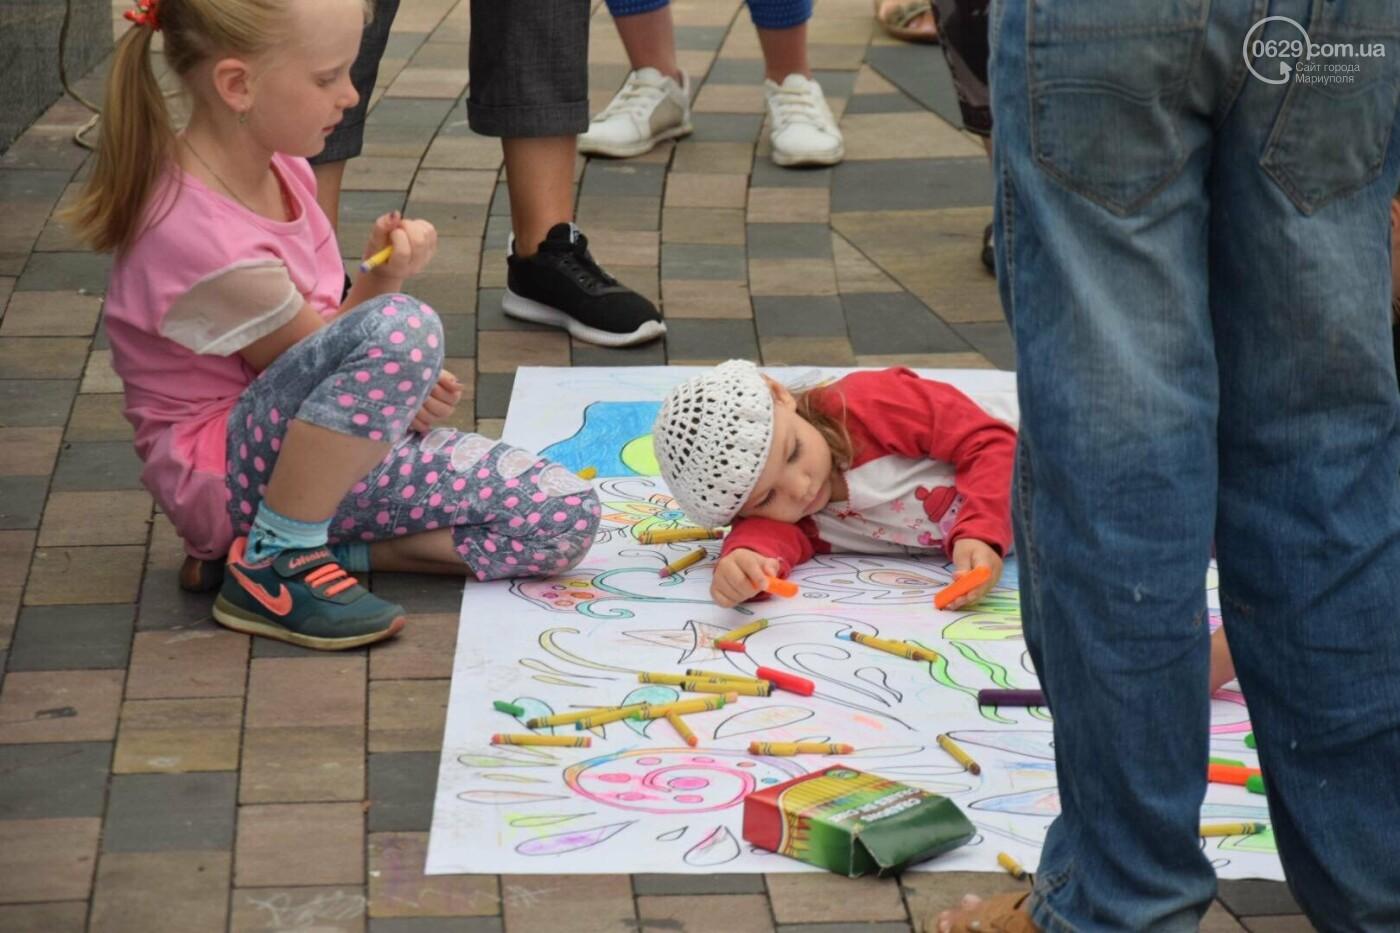 В Мариуполе радостно встретили Закон об украинском языке, - ФОТО, фото-18